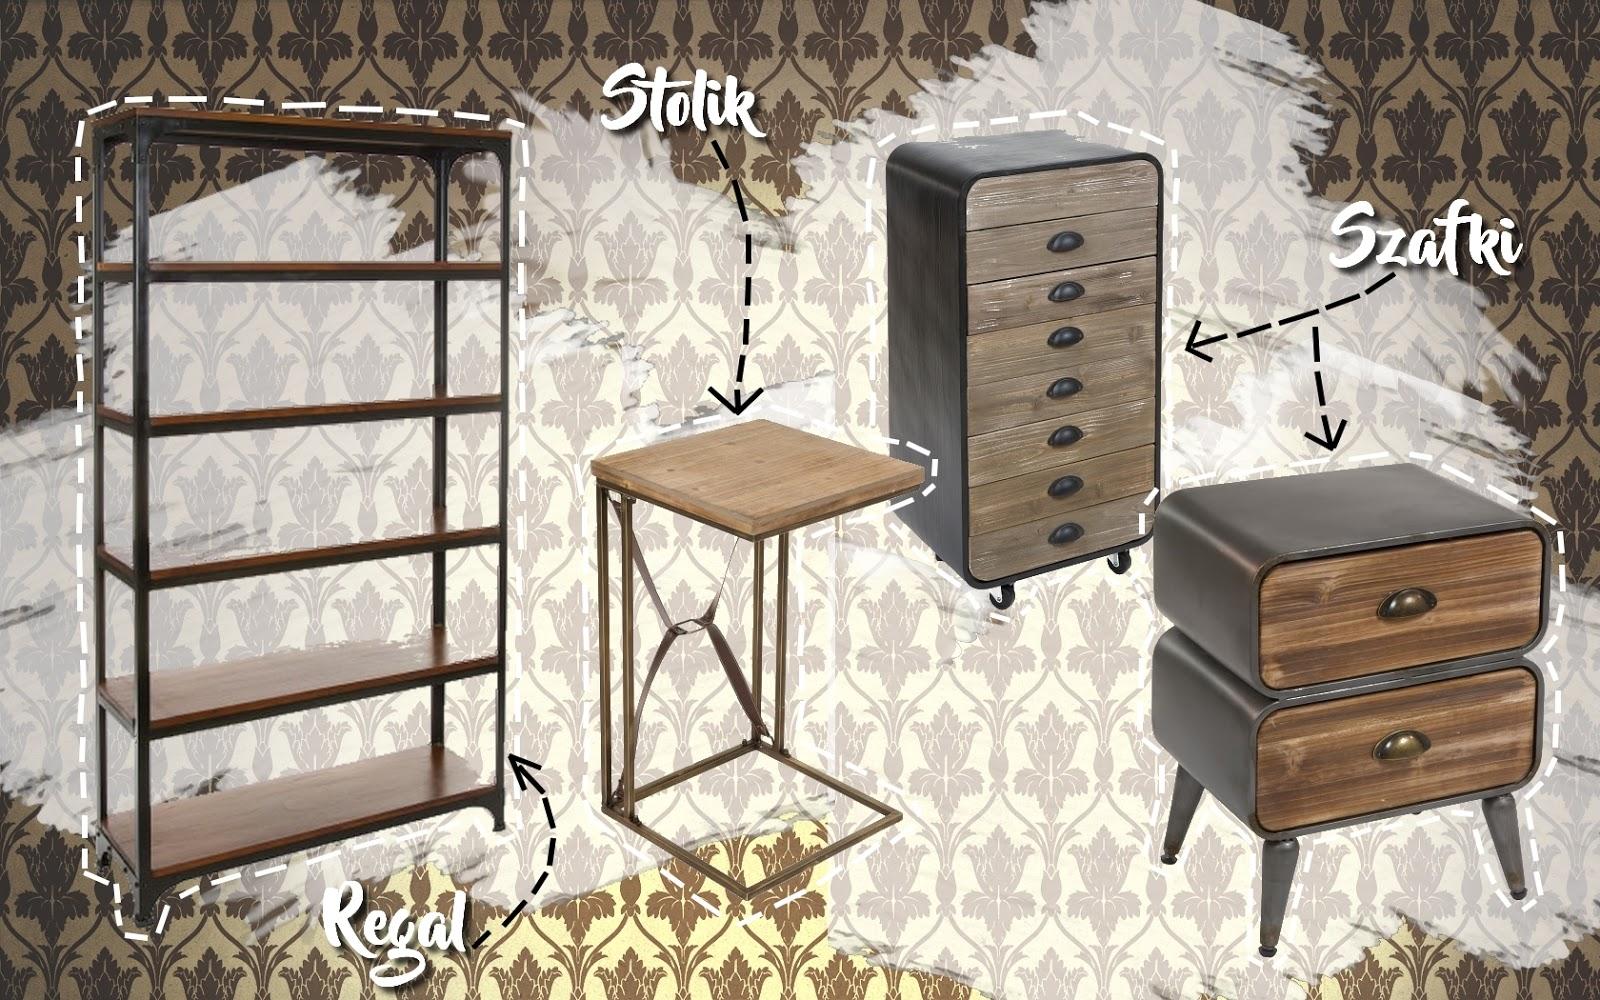 3 mieszkanie w londynskim stylu szafki stoliki szufladniki półki szafeczki w stylu sherlocka holmesa styl wiktoriański ciekawe dodatki meble do mieszkania